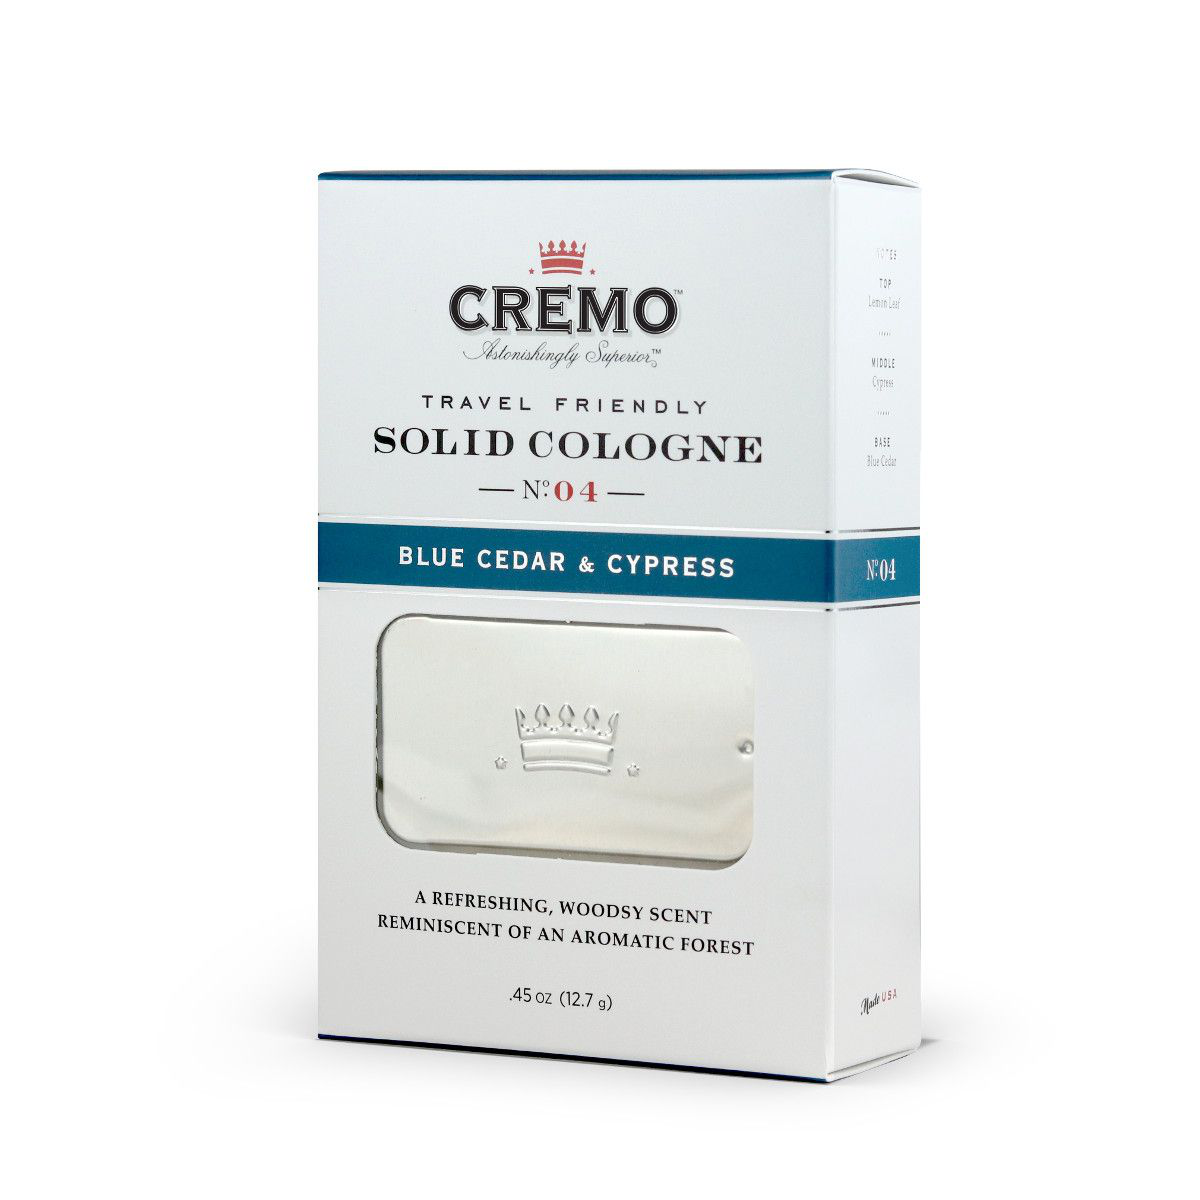 Cremo - Blue Cedar & Cypress - Solid Cologne image